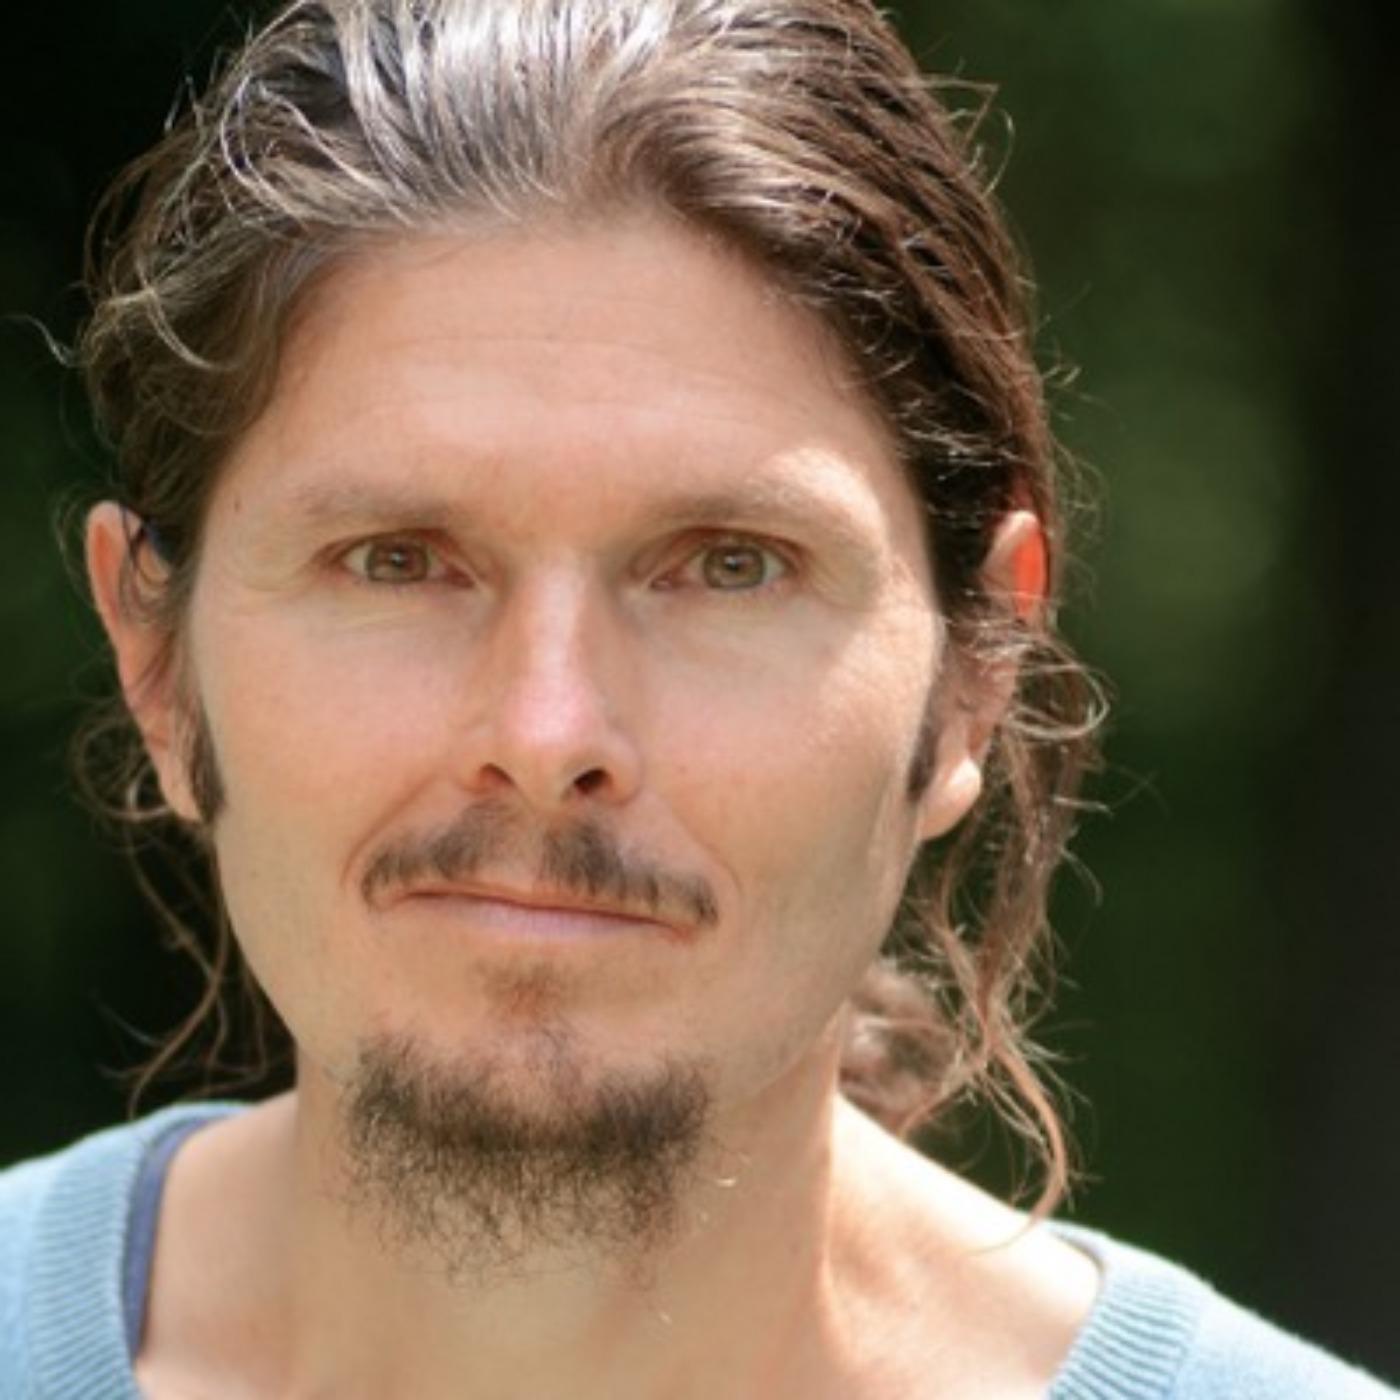 Épisode #31 - Thierry Casasnovas : les bases pour se régénérer et son parcours personnel